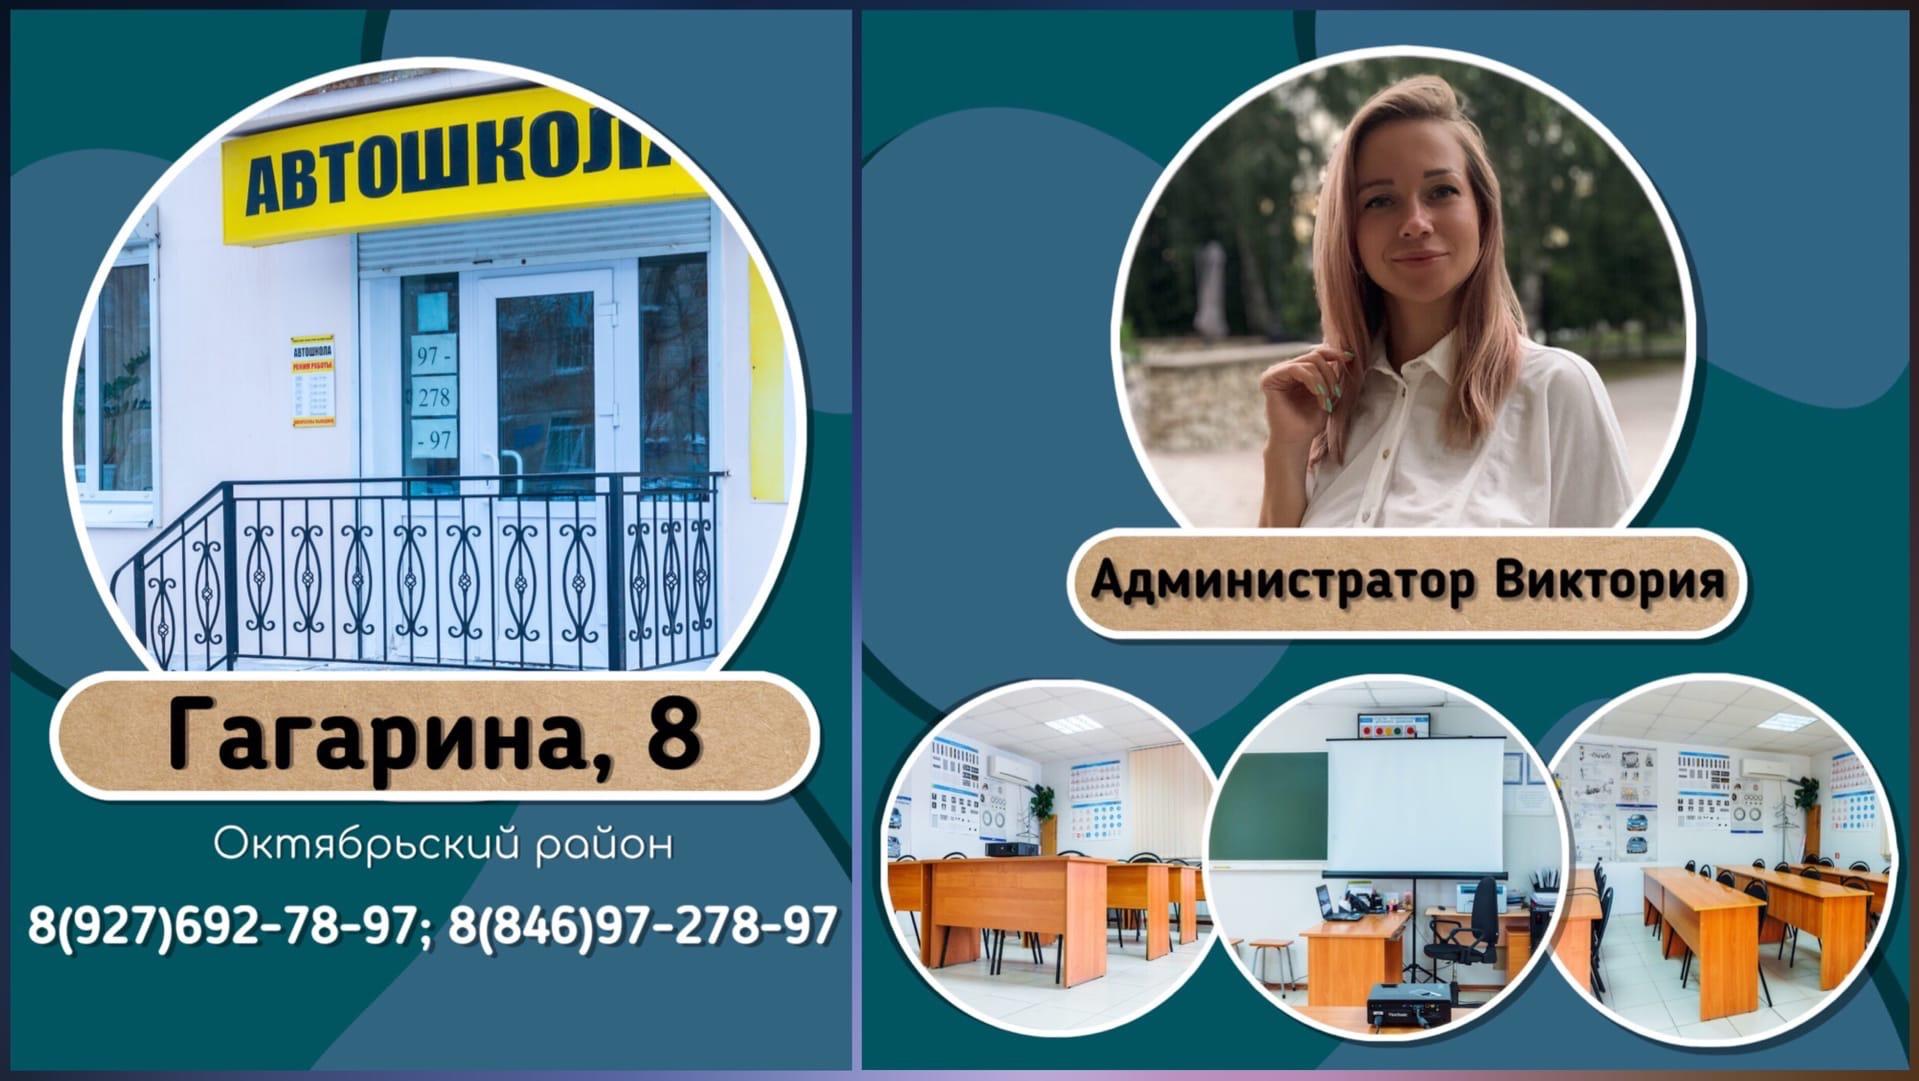 Автошкола в Самаре на улице Гагарина